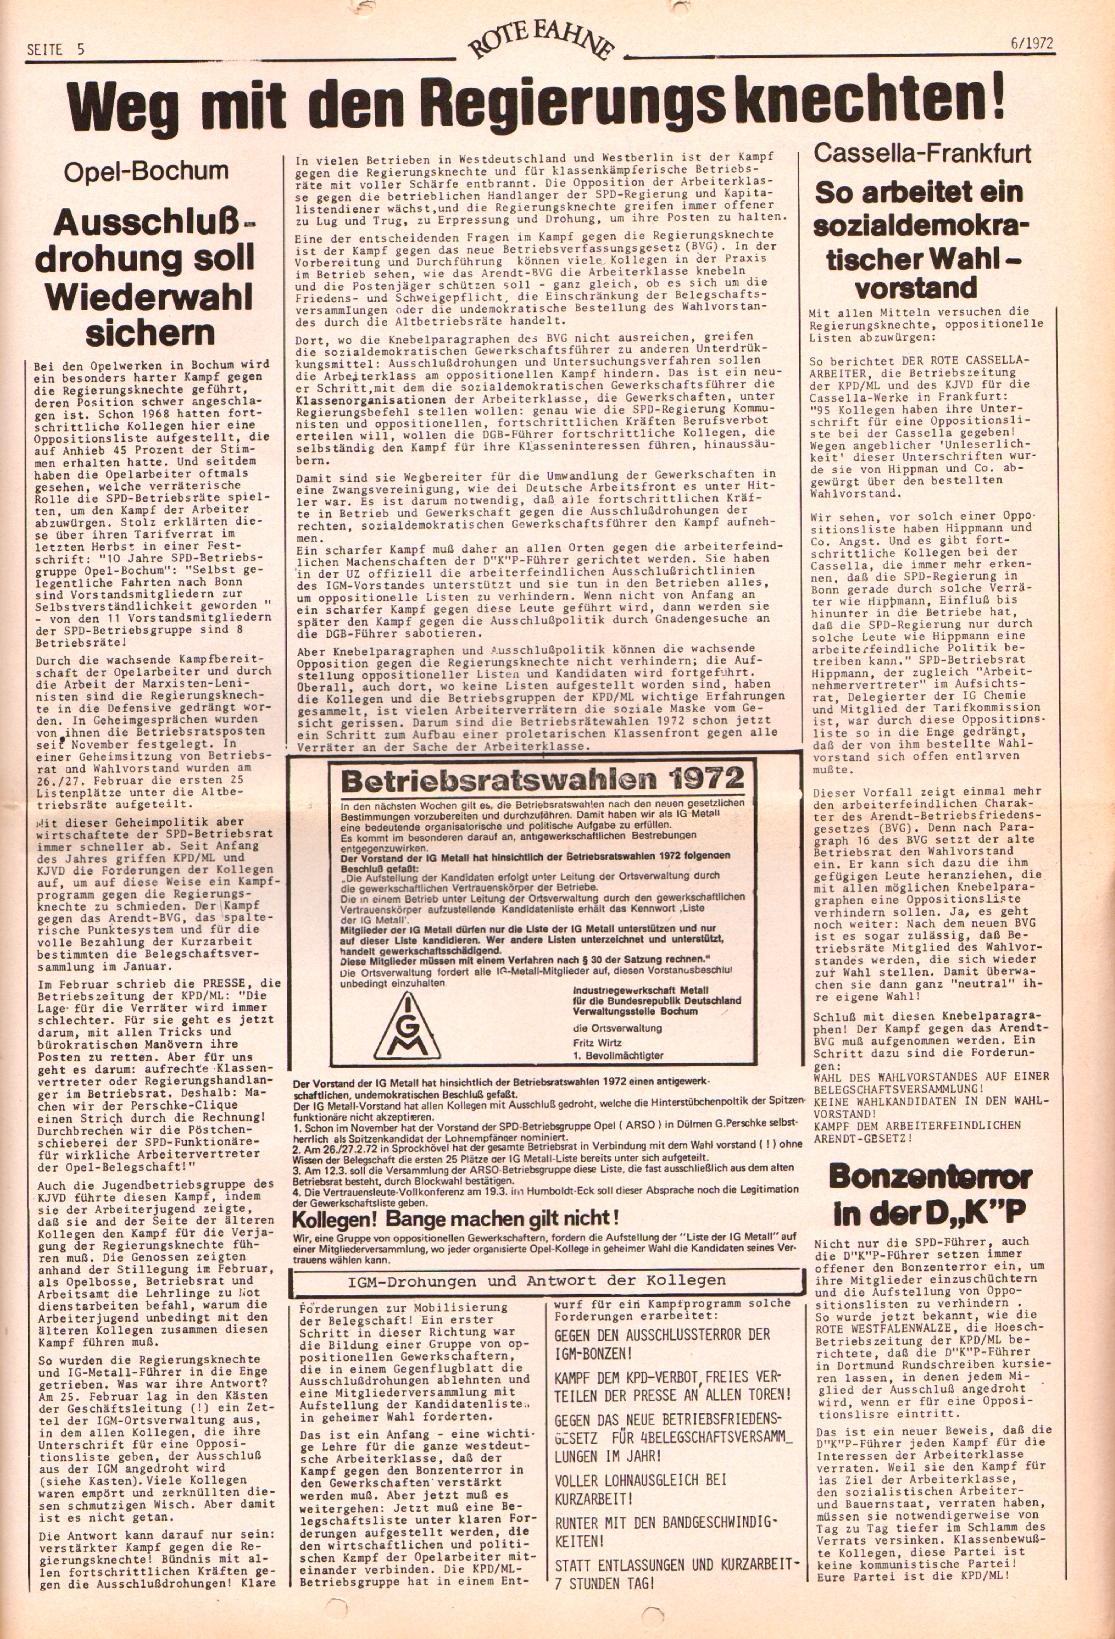 Rote Fahne, 3. Jg., 20.3.1972, Nr. 6, Seite 5